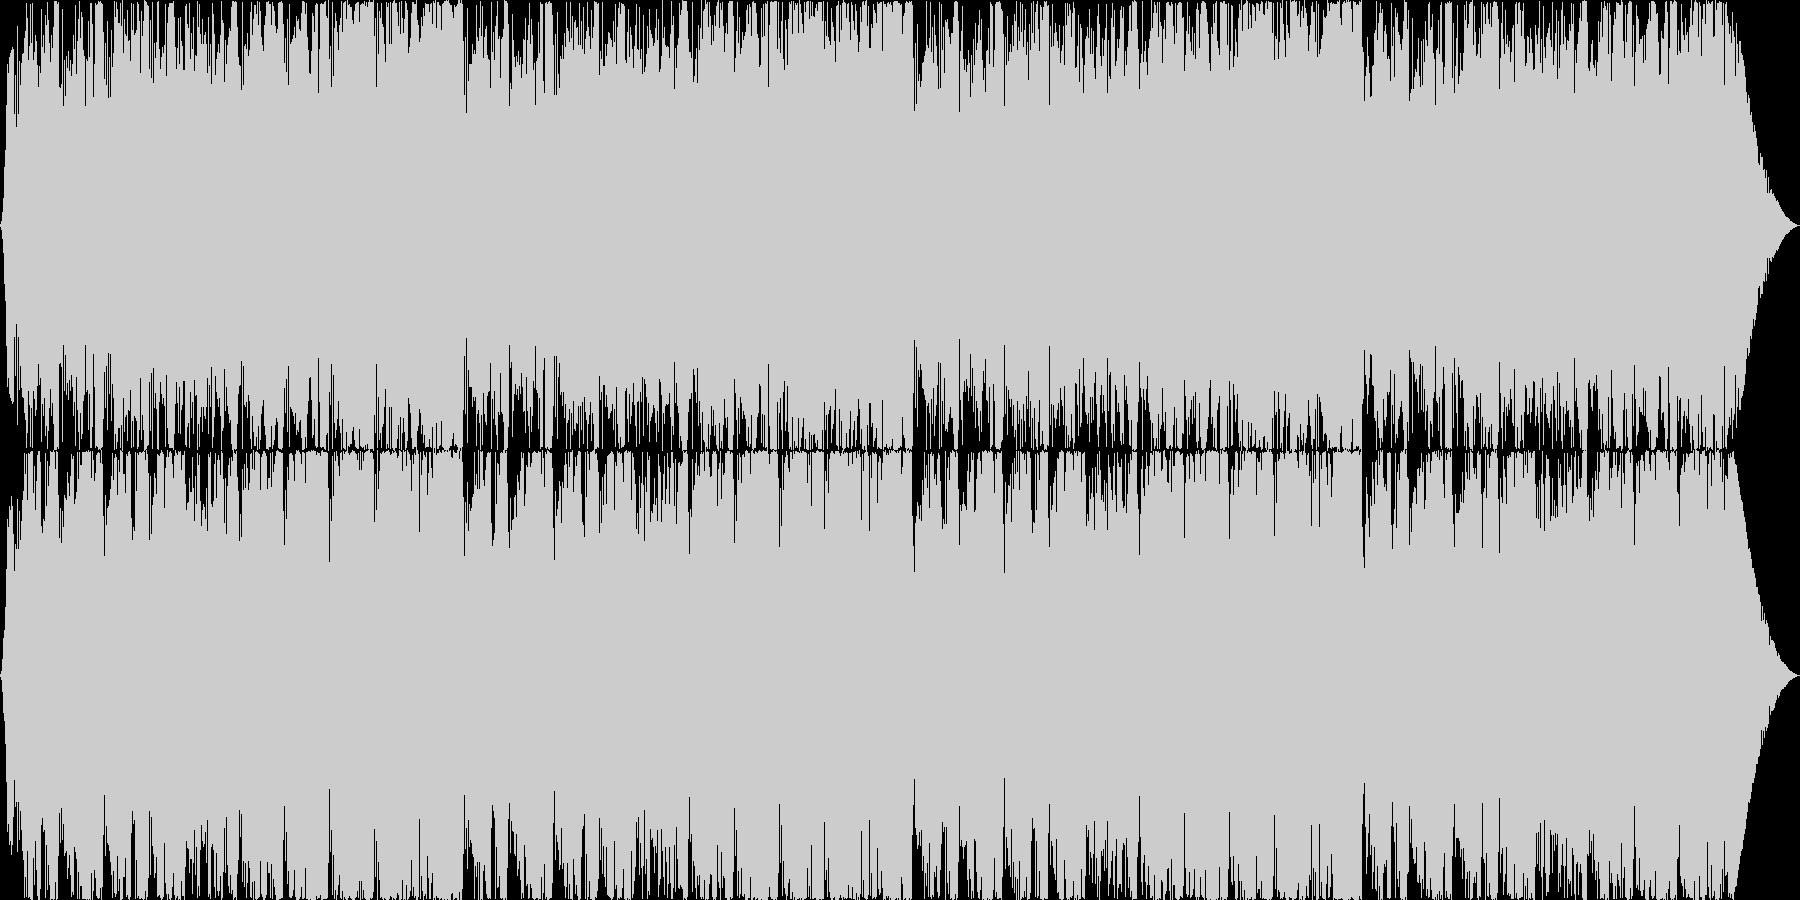 広がっていくイメージ、スローテンポの未再生の波形